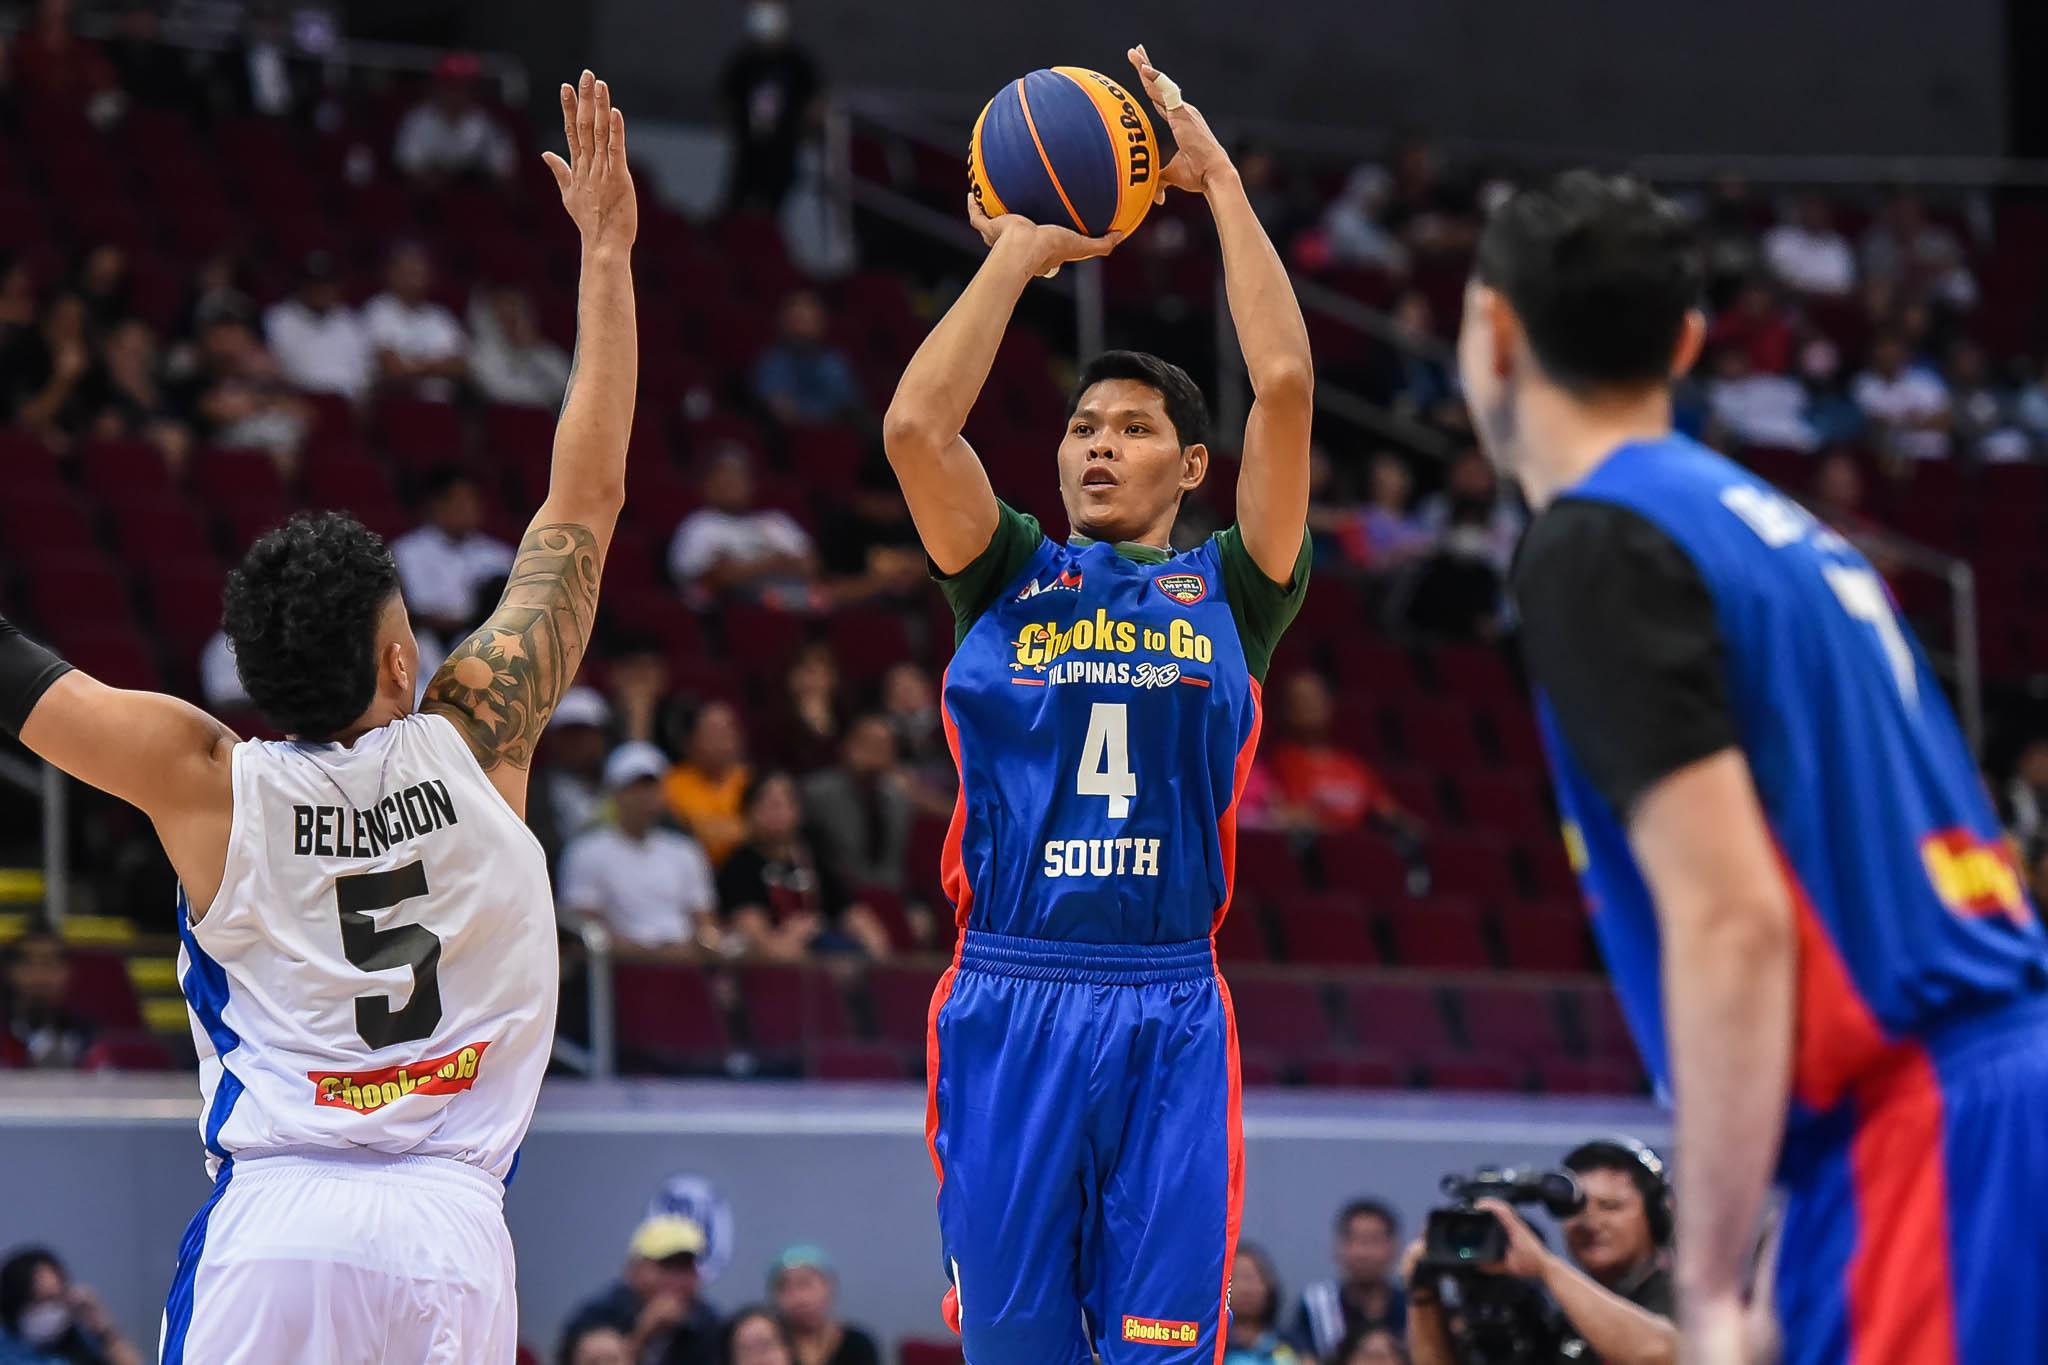 MPBL-3x3-Vaygan-3717 Mindoro Tamaraws tap Silva, Brodett as asst coaches Basketball MPBL NBL News  - philippine sports news